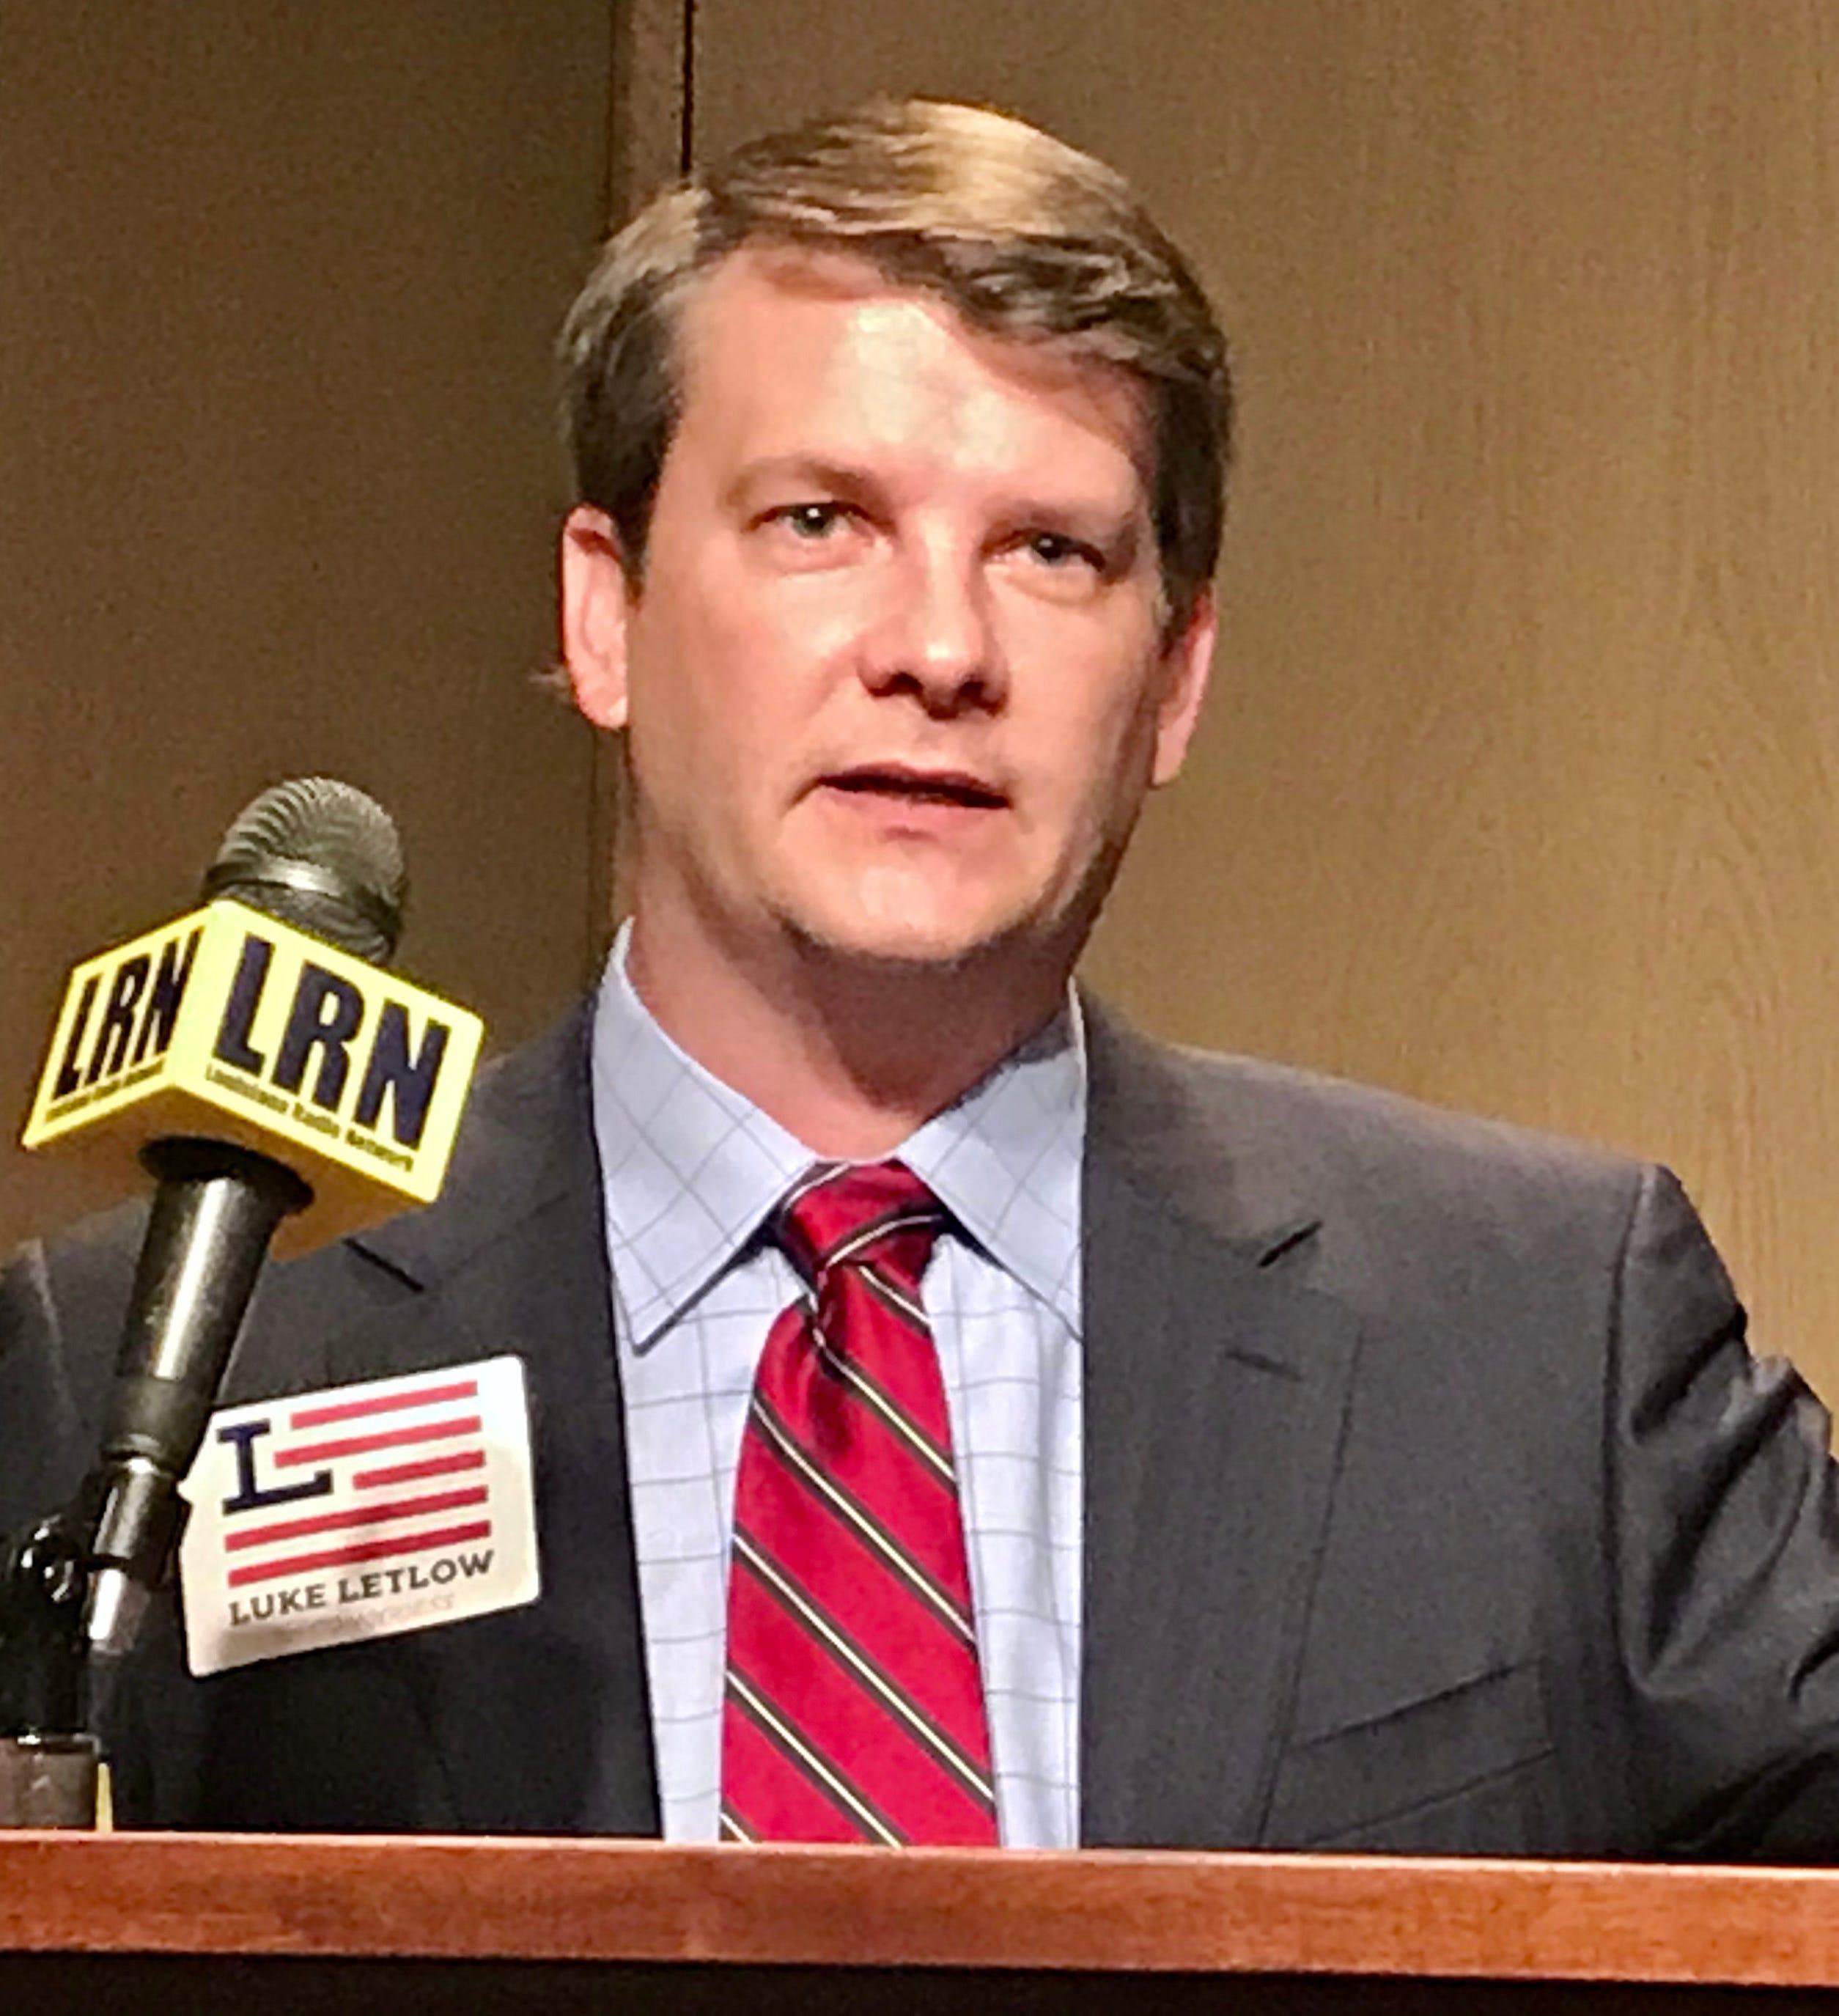 Congressman-elect Luke Letlow speaks on July 22.